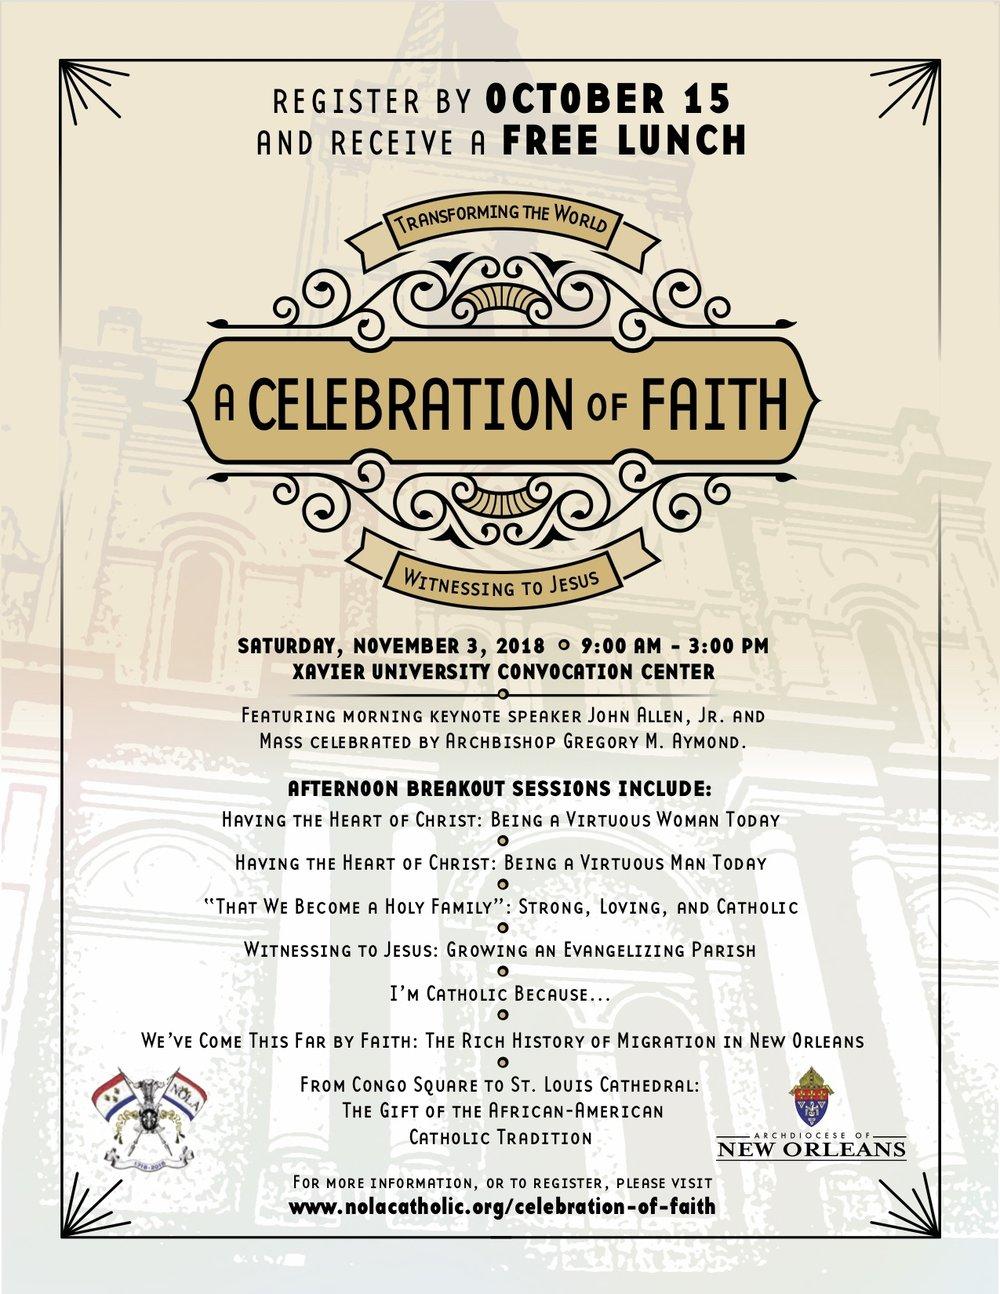 ano 18-18 Celebration of Faith 8.5x11 flyer (002).jpg